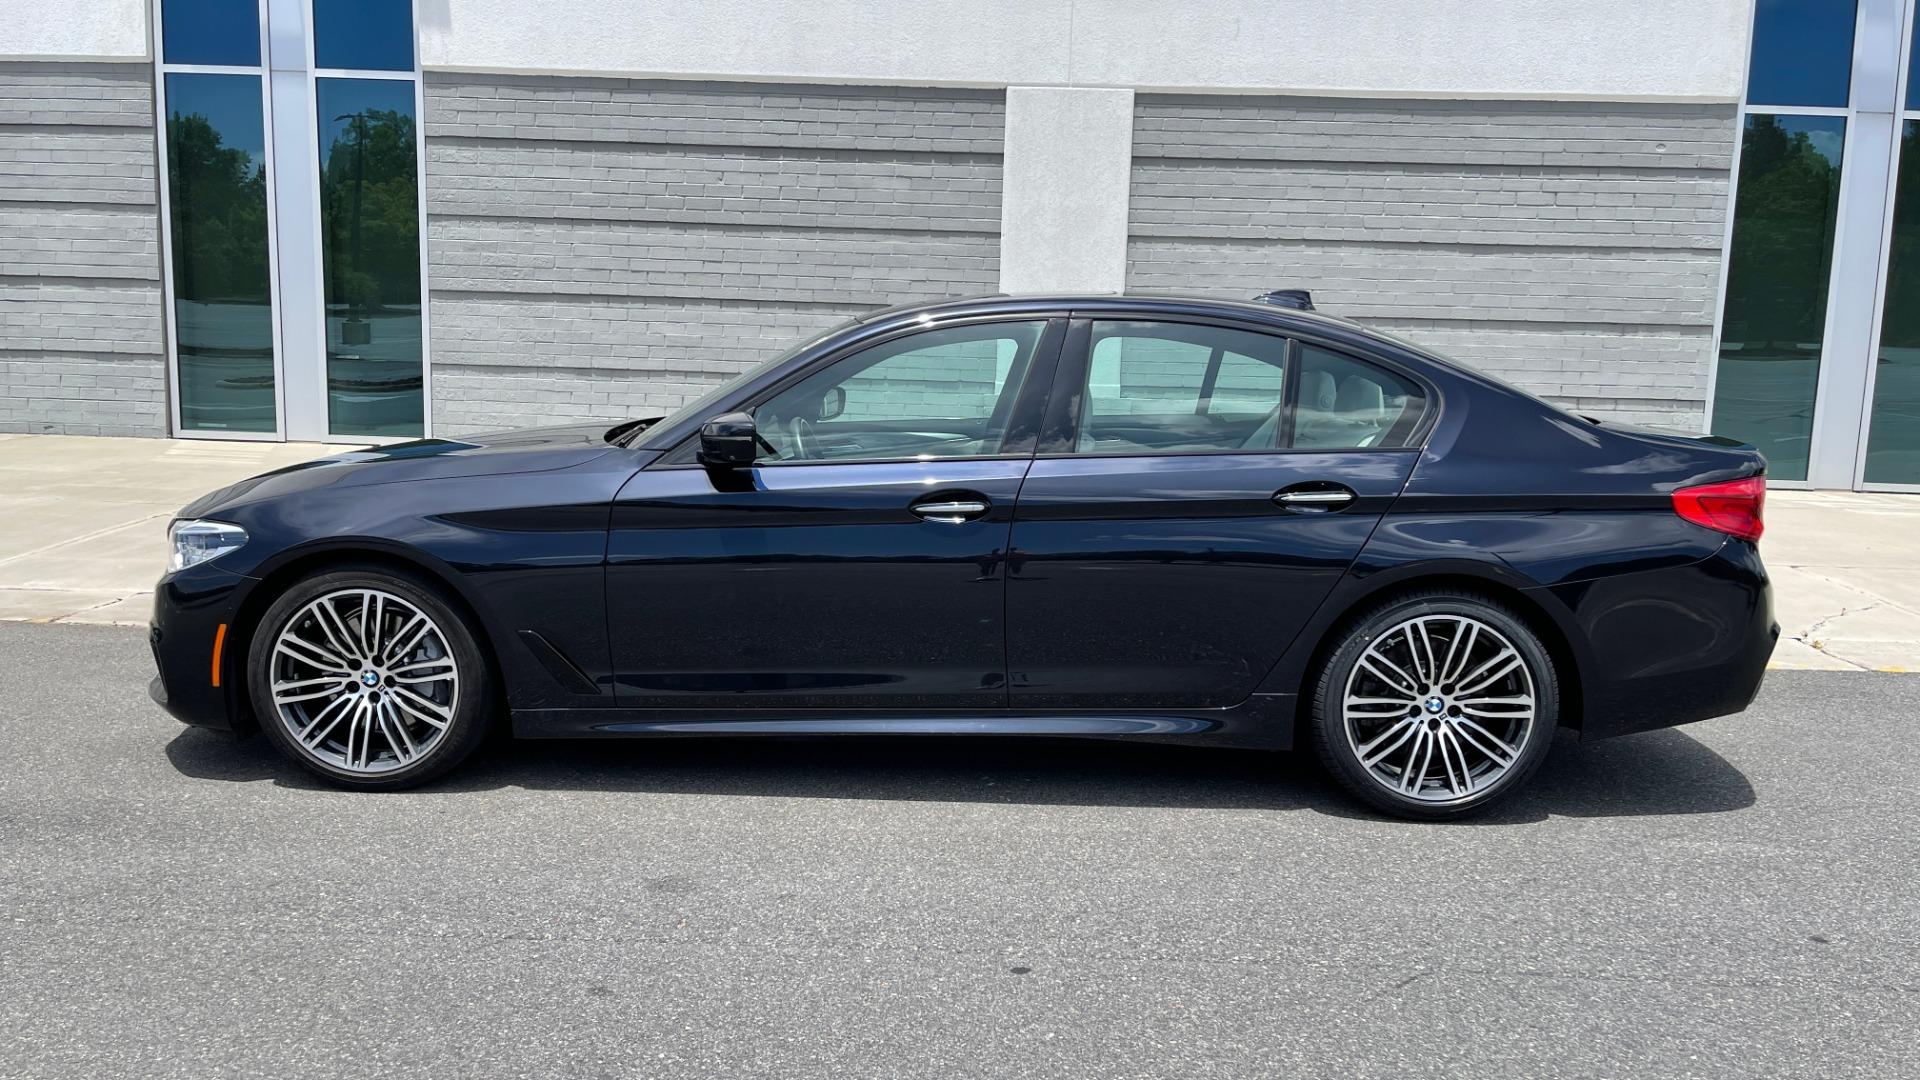 Used 2018 BMW 5 SERIES 540I M-SPORT / EXECUTIVE PKG / DRVR ASST PKG / BLIND SPOT / LANE DEPART for sale $40,995 at Formula Imports in Charlotte NC 28227 4